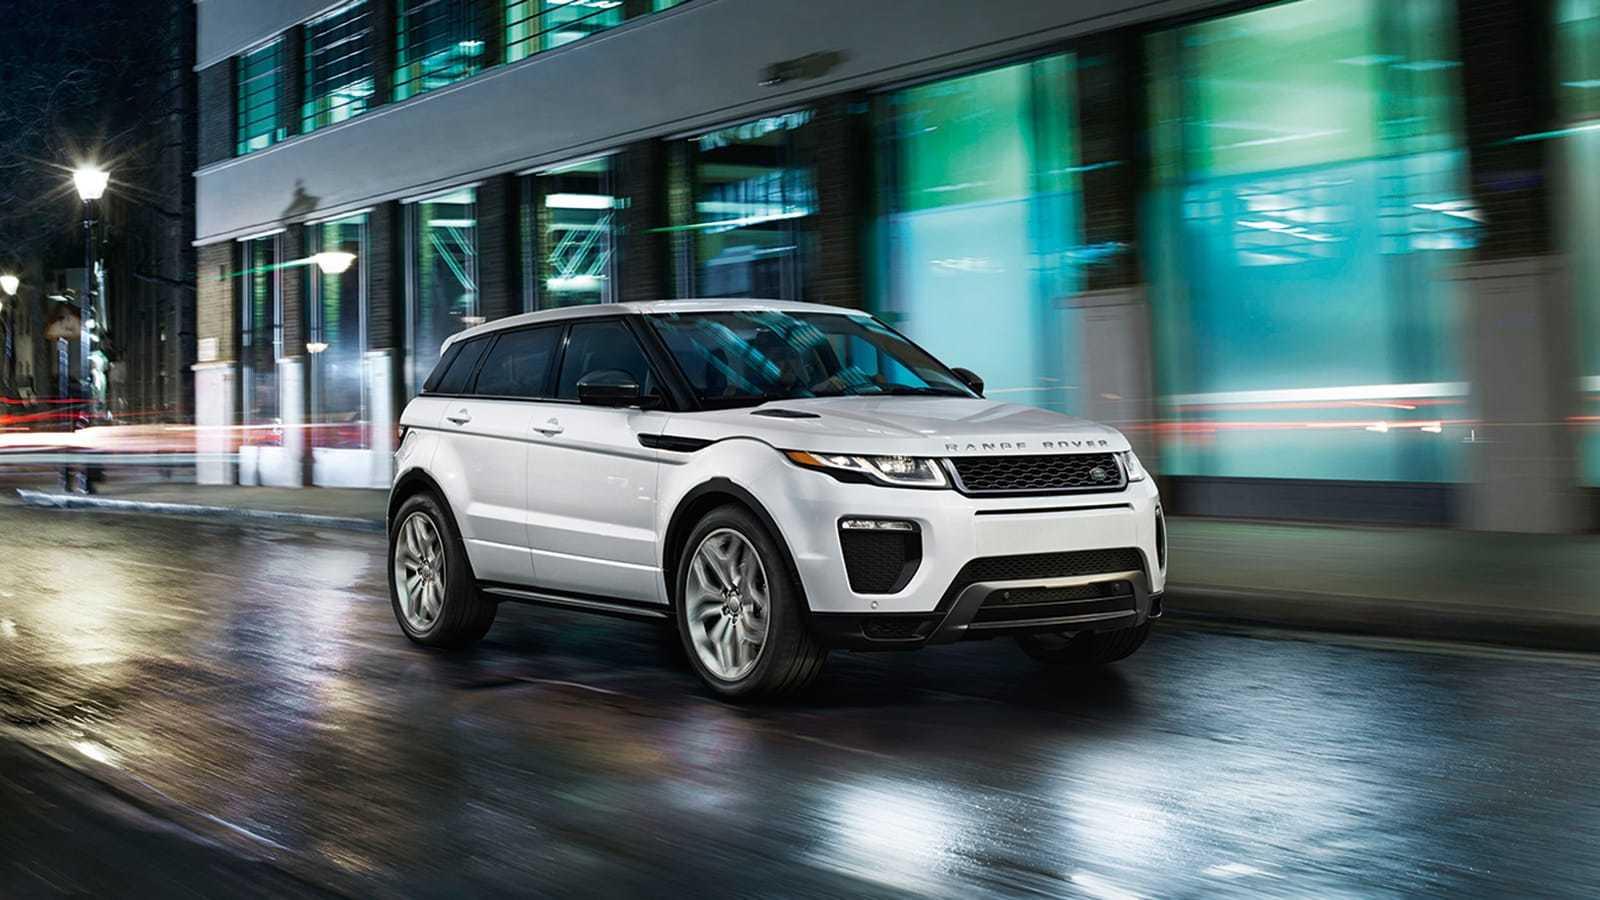 Pre Order 2017 Range Rover Evoque At Land Rover Buckhead